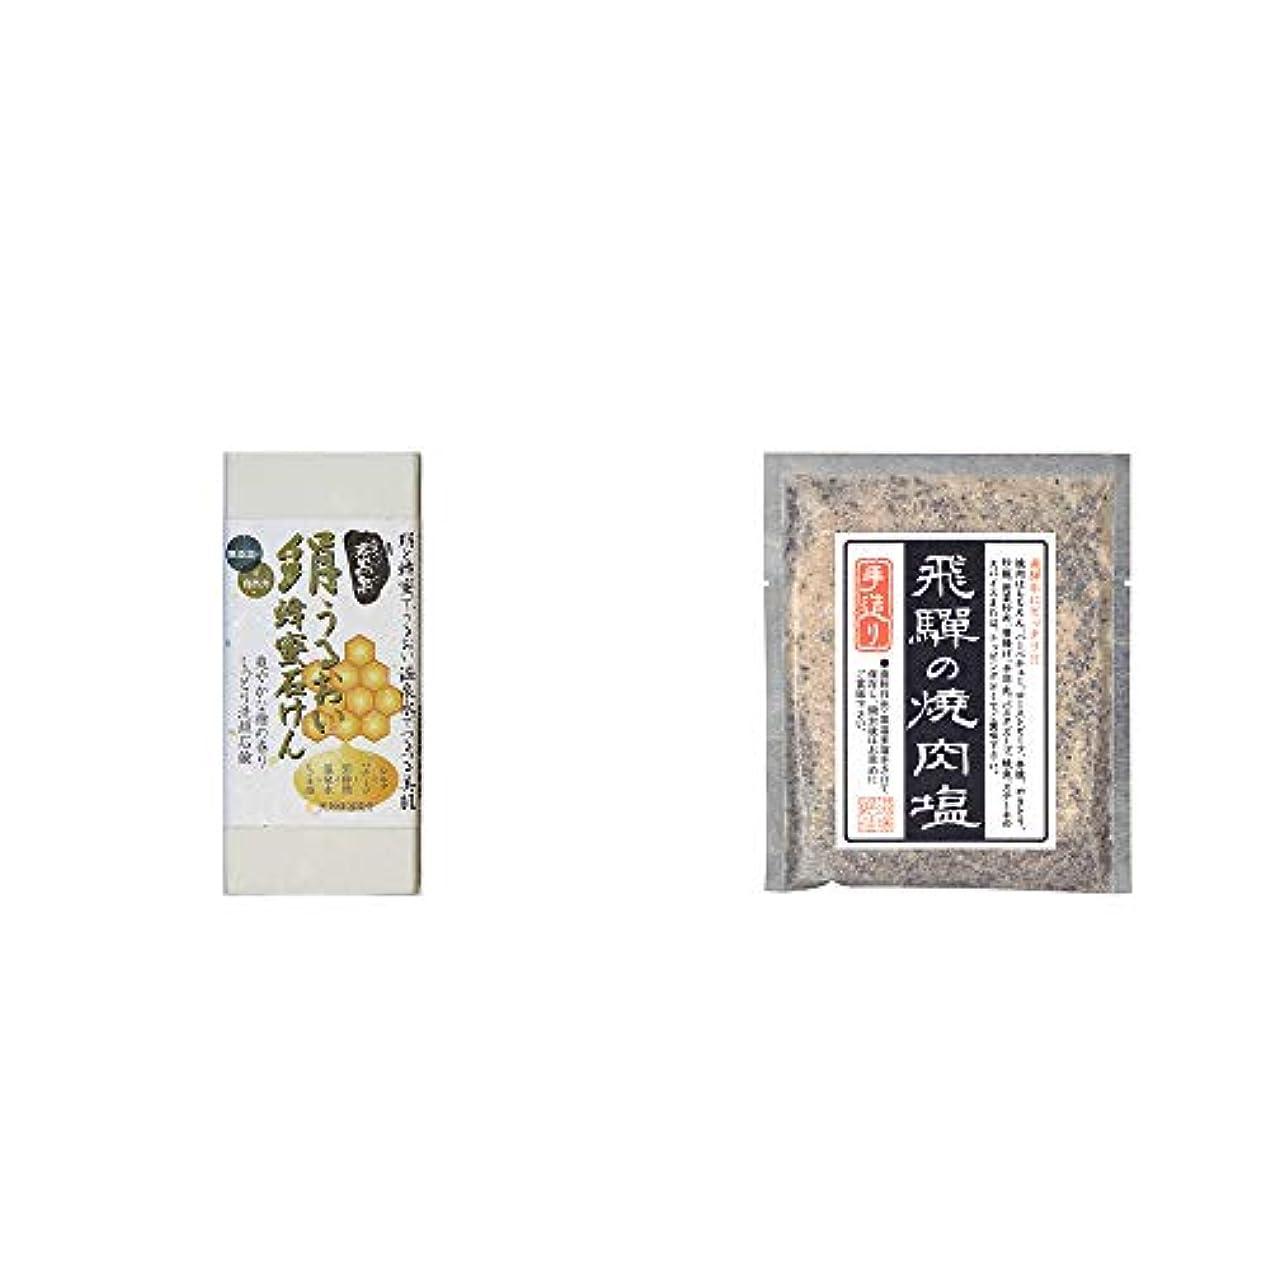 自体延期する適合する[2点セット] ひのき炭黒泉 絹うるおい蜂蜜石けん(75g×2)?手造り 飛騨の焼肉塩(80g)